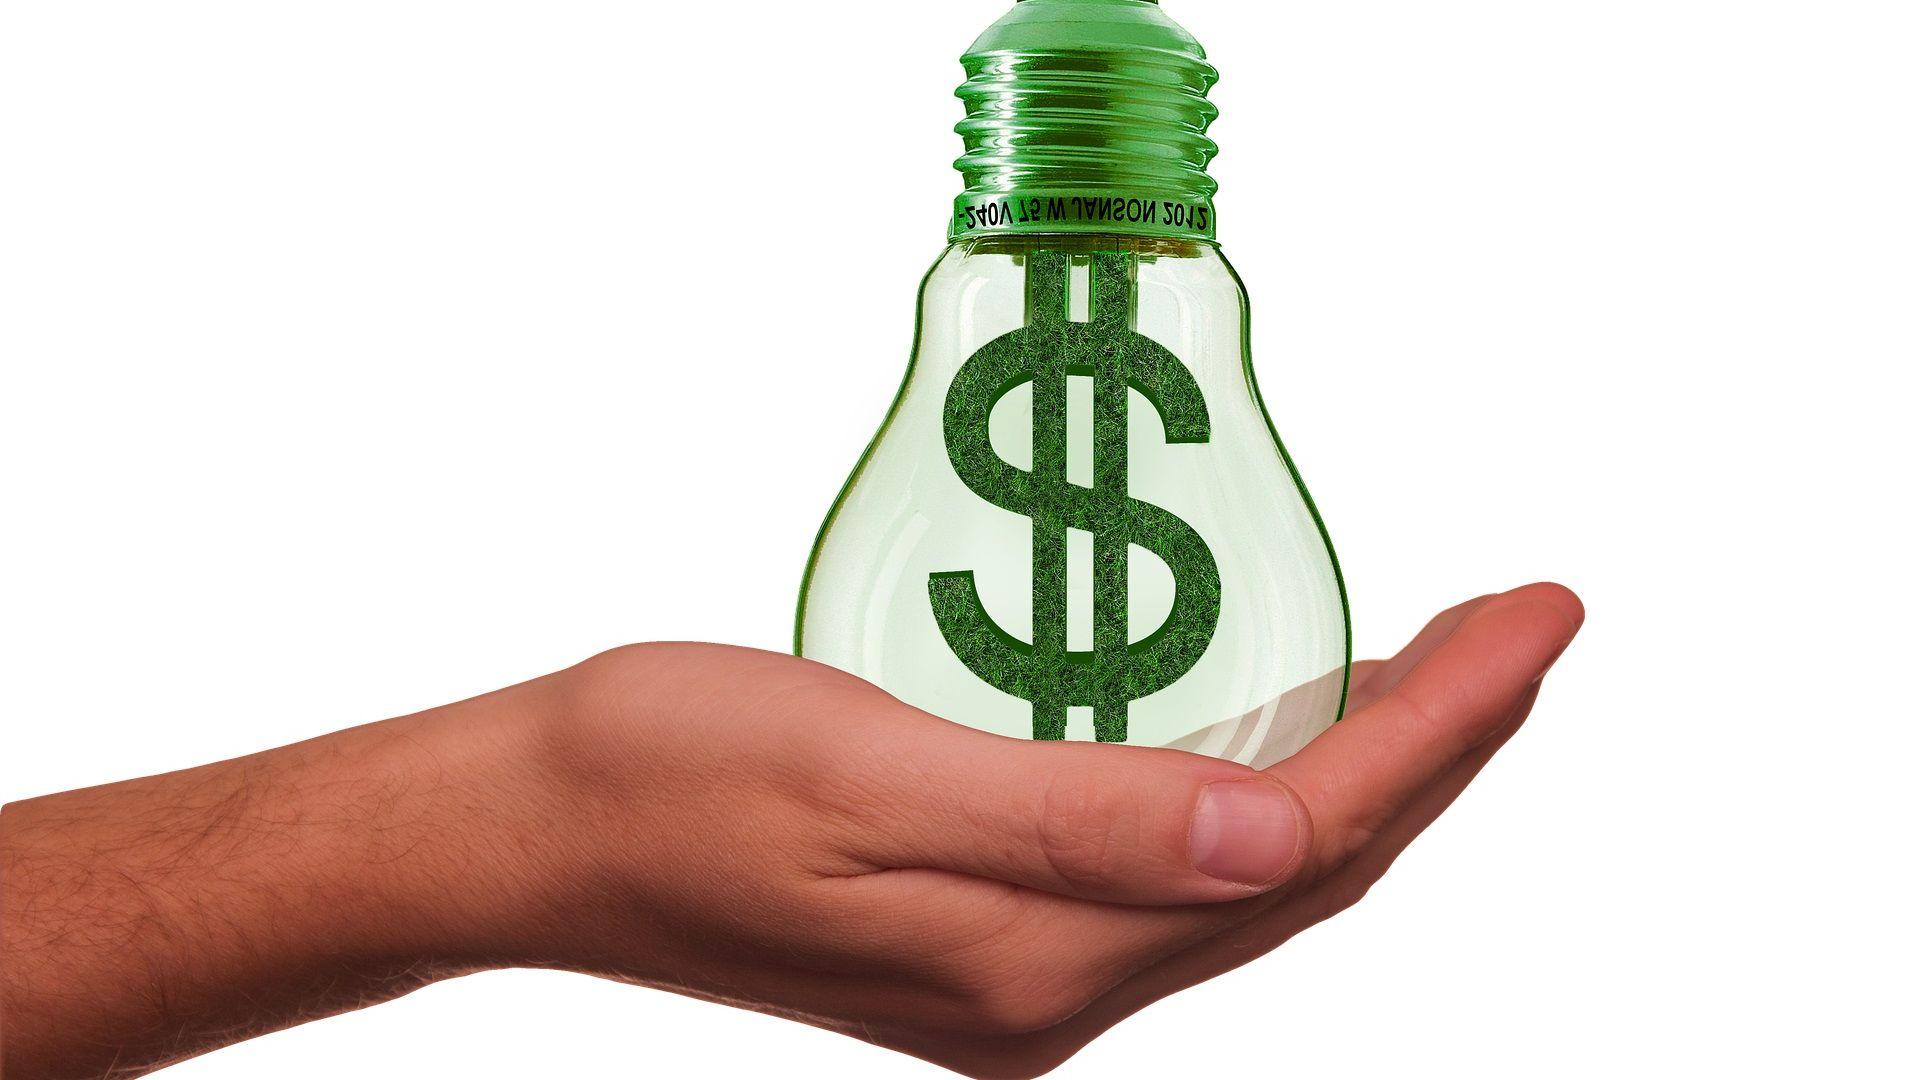 Studien mit Verbrauchern und Experten: Warum es sich lohnt das Thema Nachhaltigkeit ernst zu nehmen